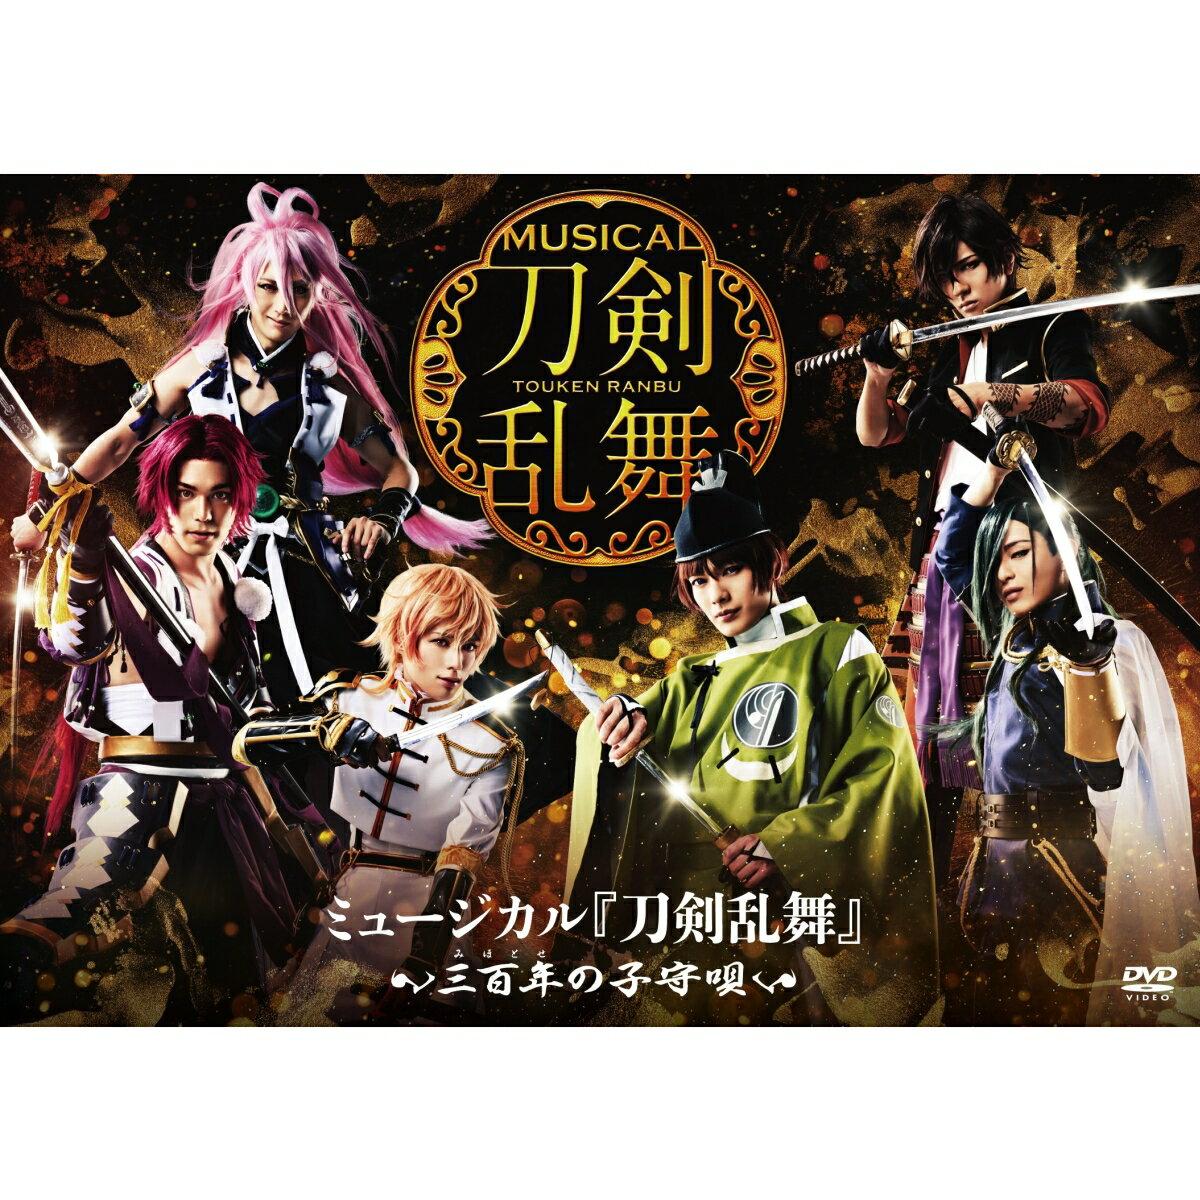 ミュージカル『刀剣乱舞』 〜三百年の子守唄〜 [ 崎山つばさ ]